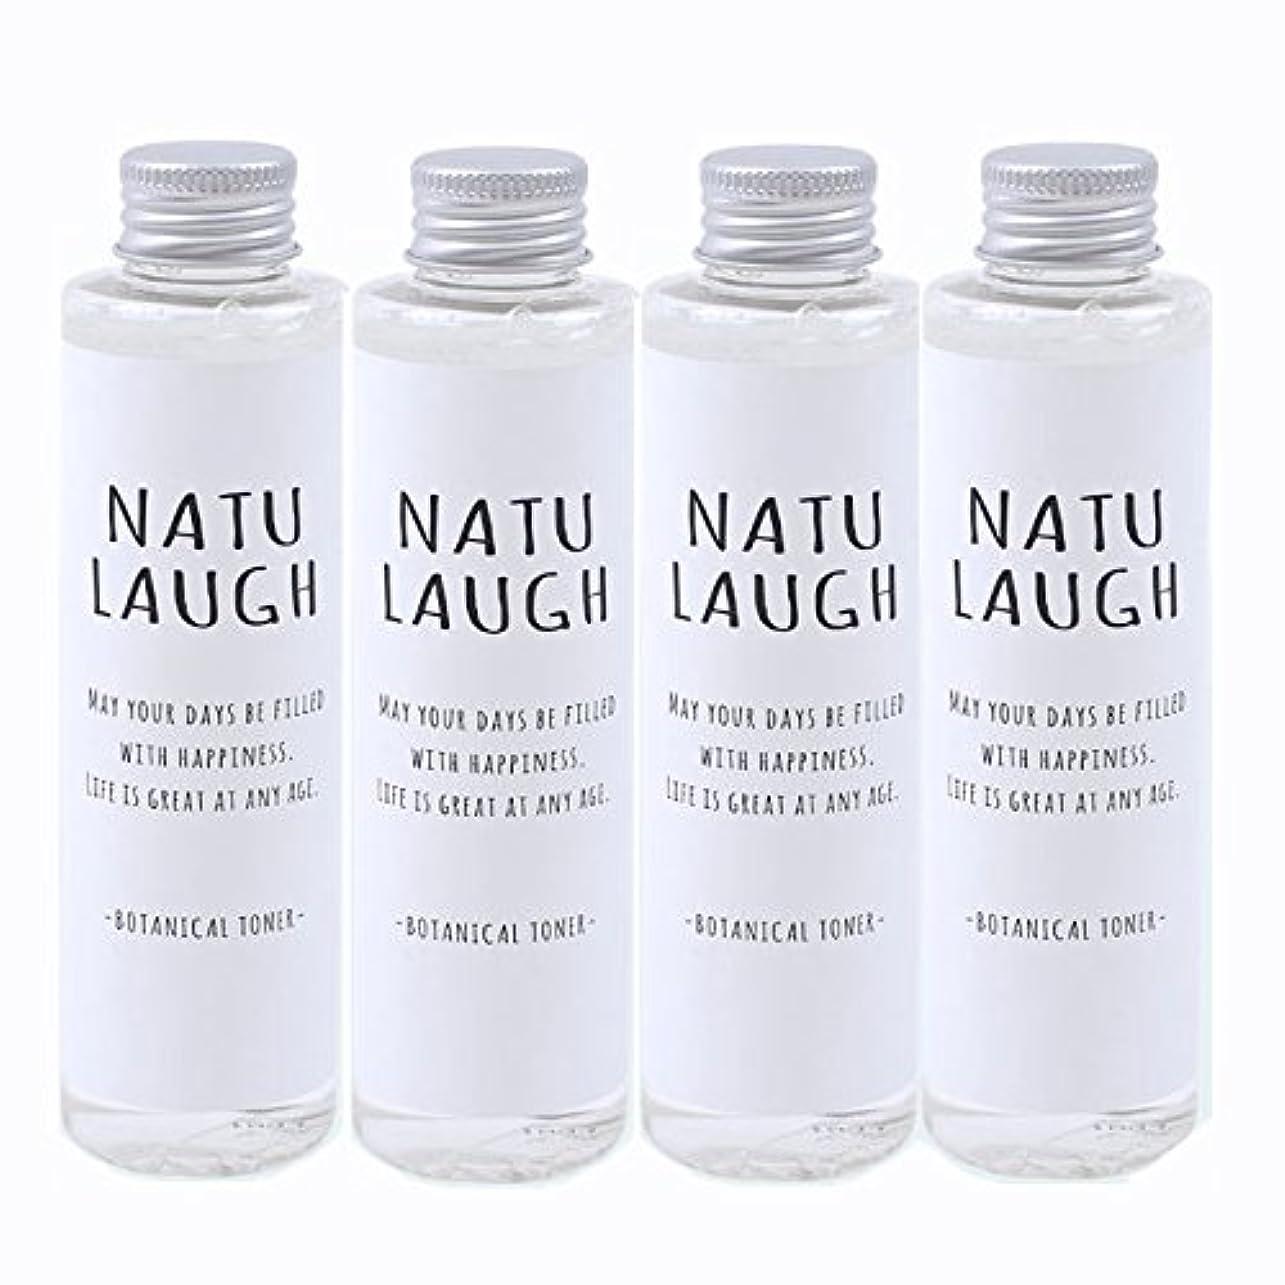 無関心欠かせない注入NATU LAUGH ボタニカル 化粧水 150ml - BOTANICAL TONER - (4個)